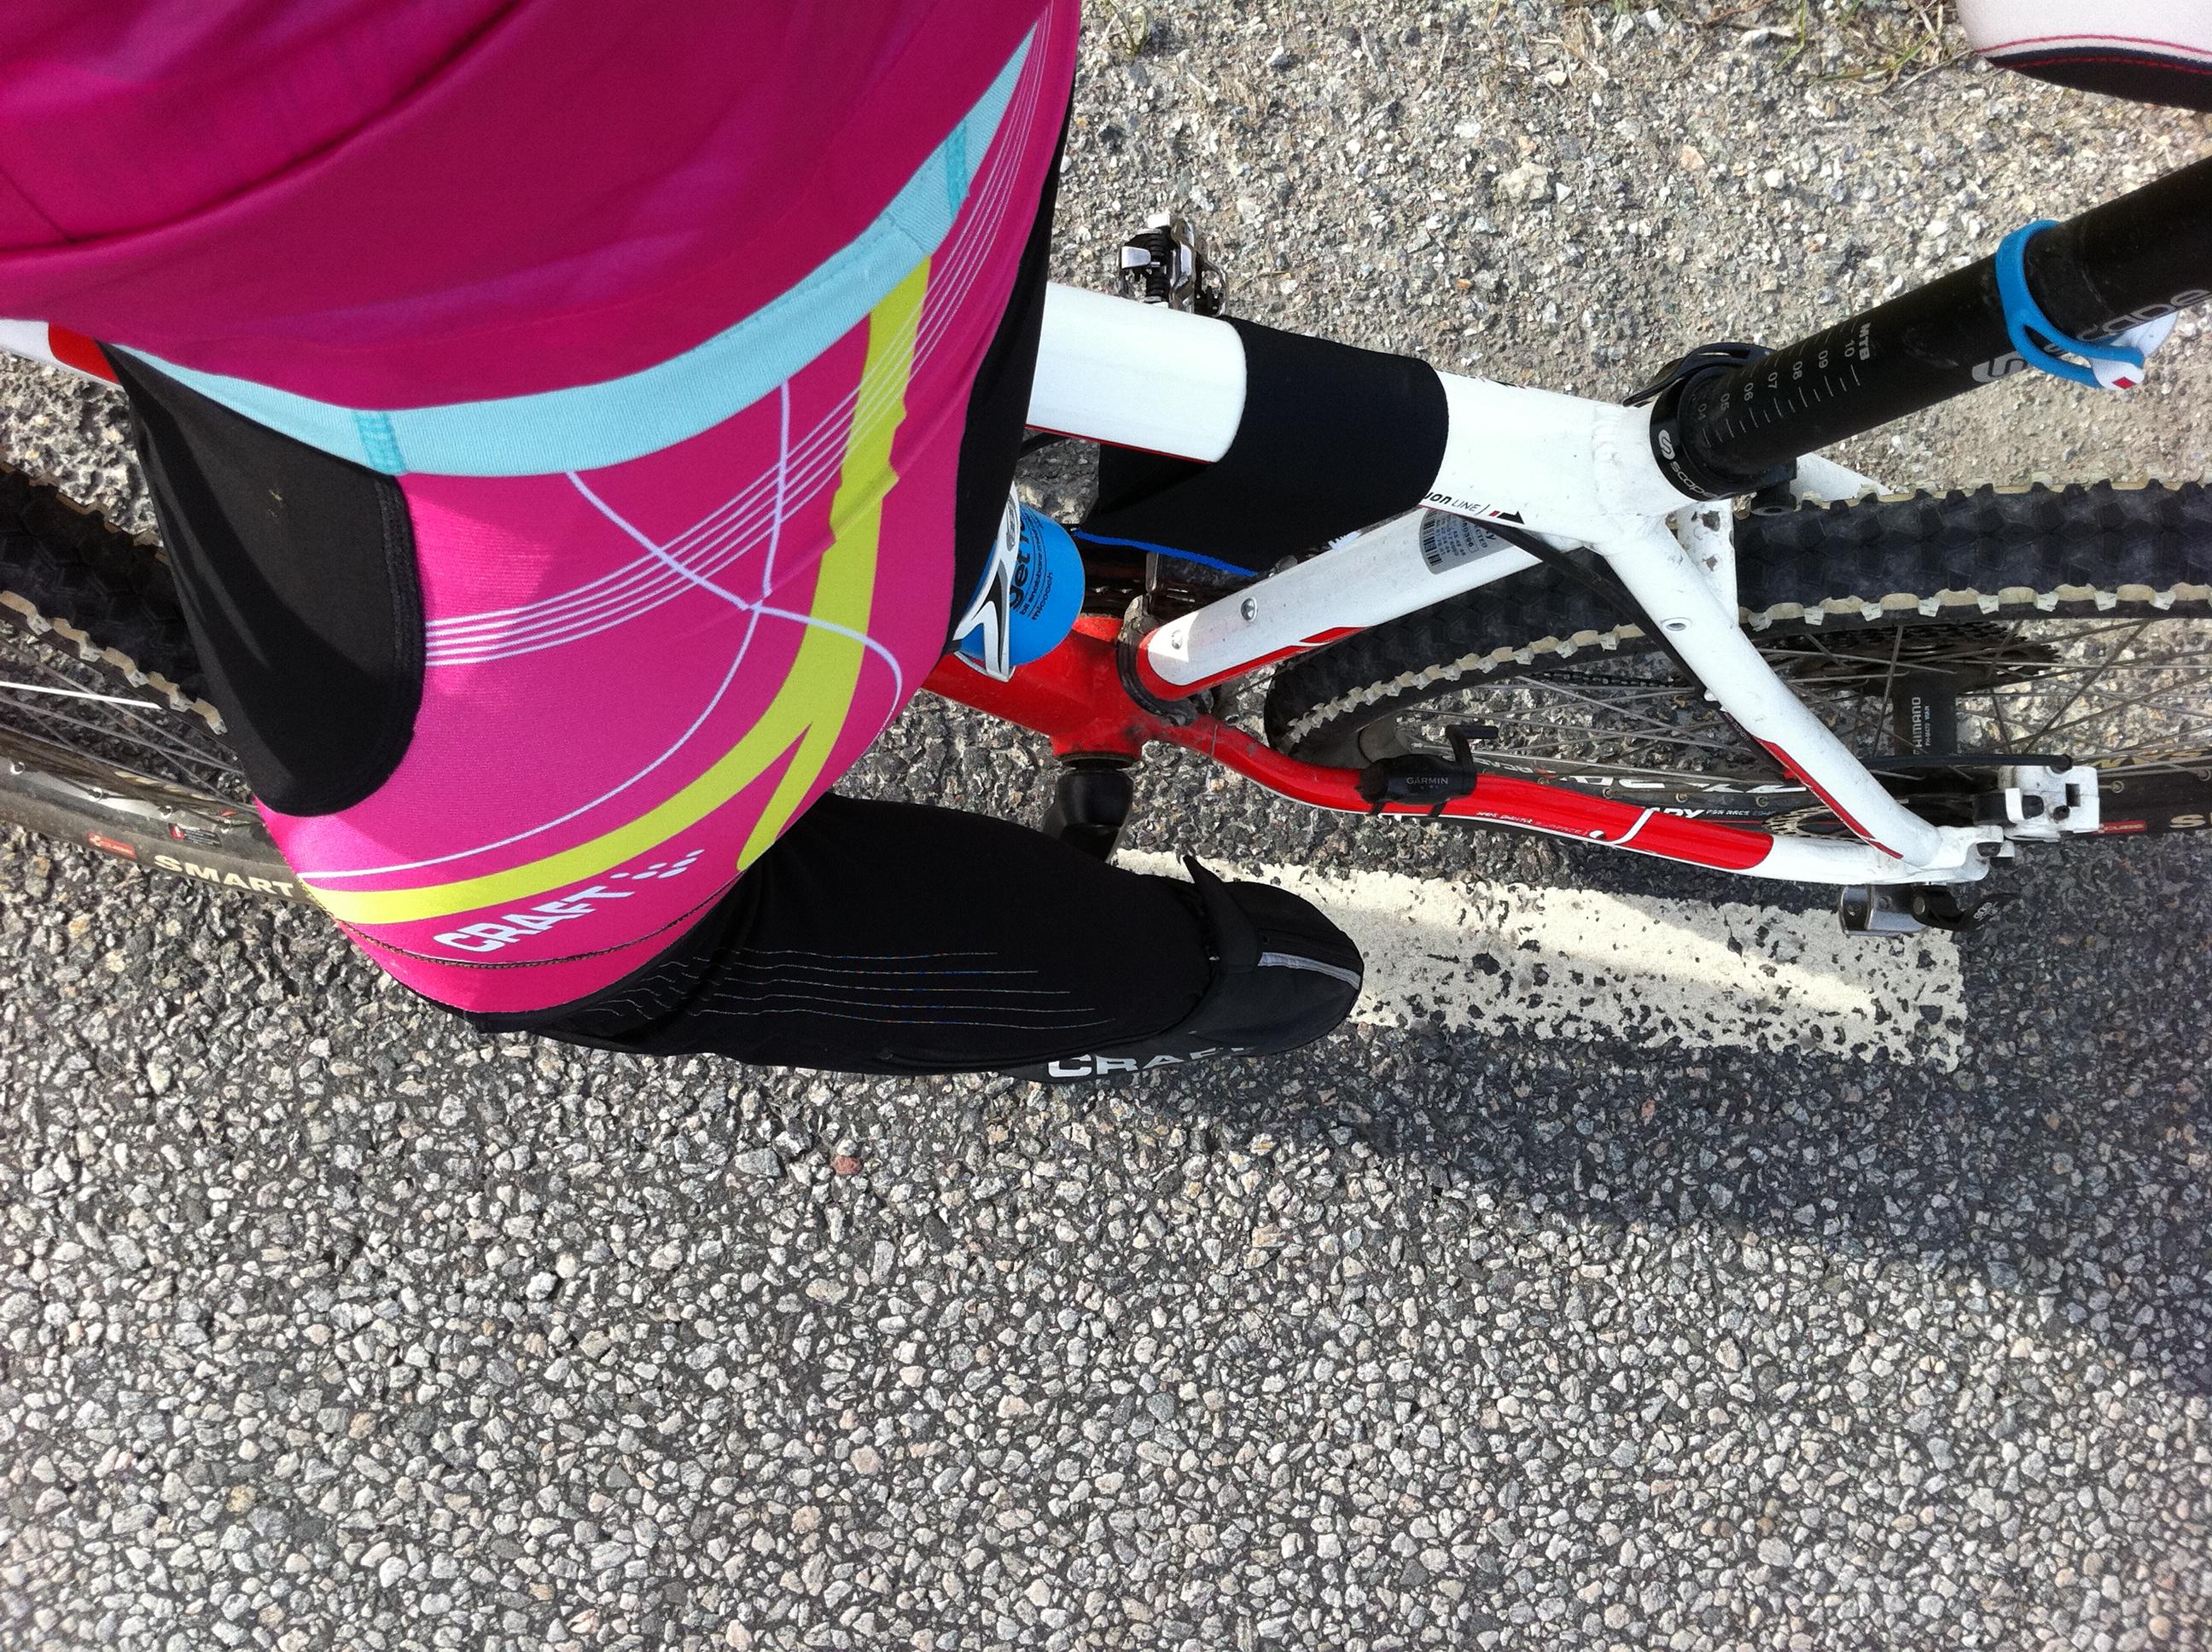 Har vita strumpor när jag kör i skogen. Cyklar mountainbikelångpass på  asfalt för att samla mil. Har rosa tillsammans med rött. Och vad ... 562f9c05b7771